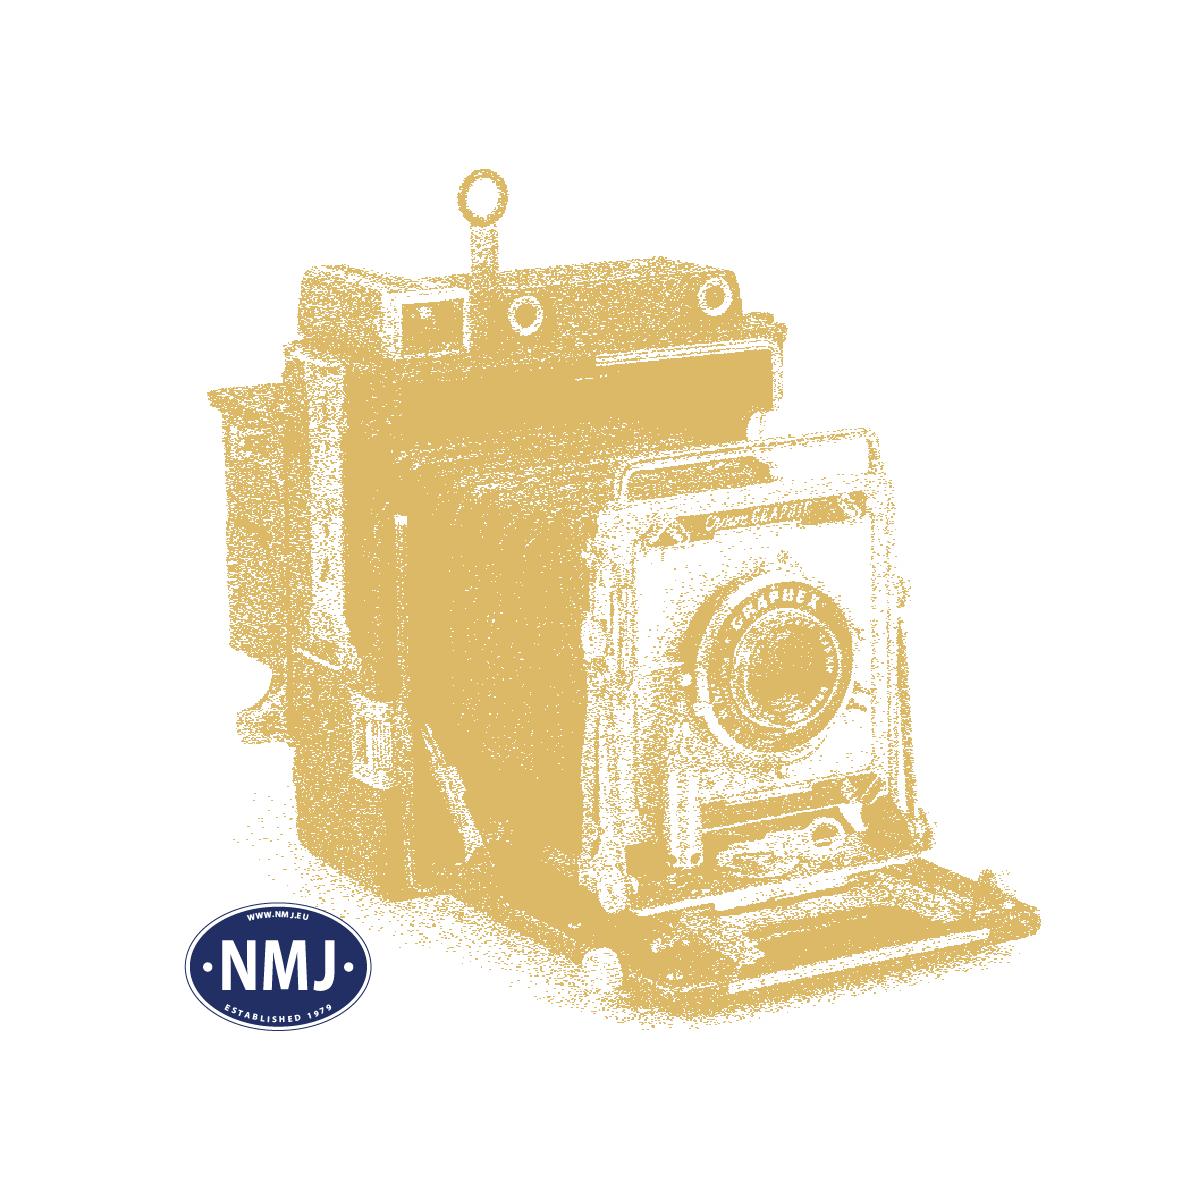 NMJT134.101 - NMJ Topline NSB DF37 21304, Post og Reisgodsvogn, gammeldesign